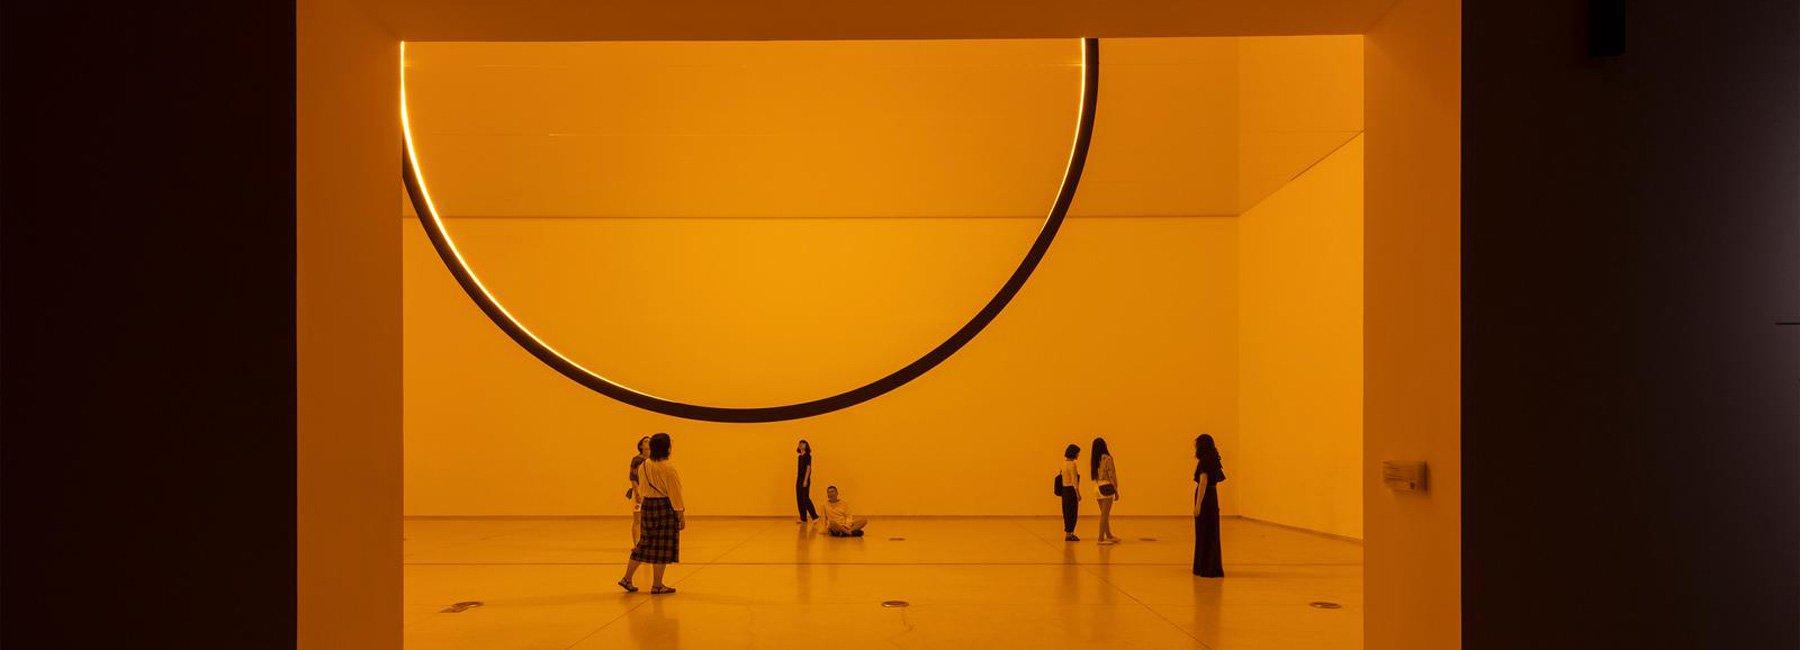 """""""پذیرش غیرقابل توصیف عناصر"""" در اولین نمایشگاه انفرادی olafur eliasson در پکن"""